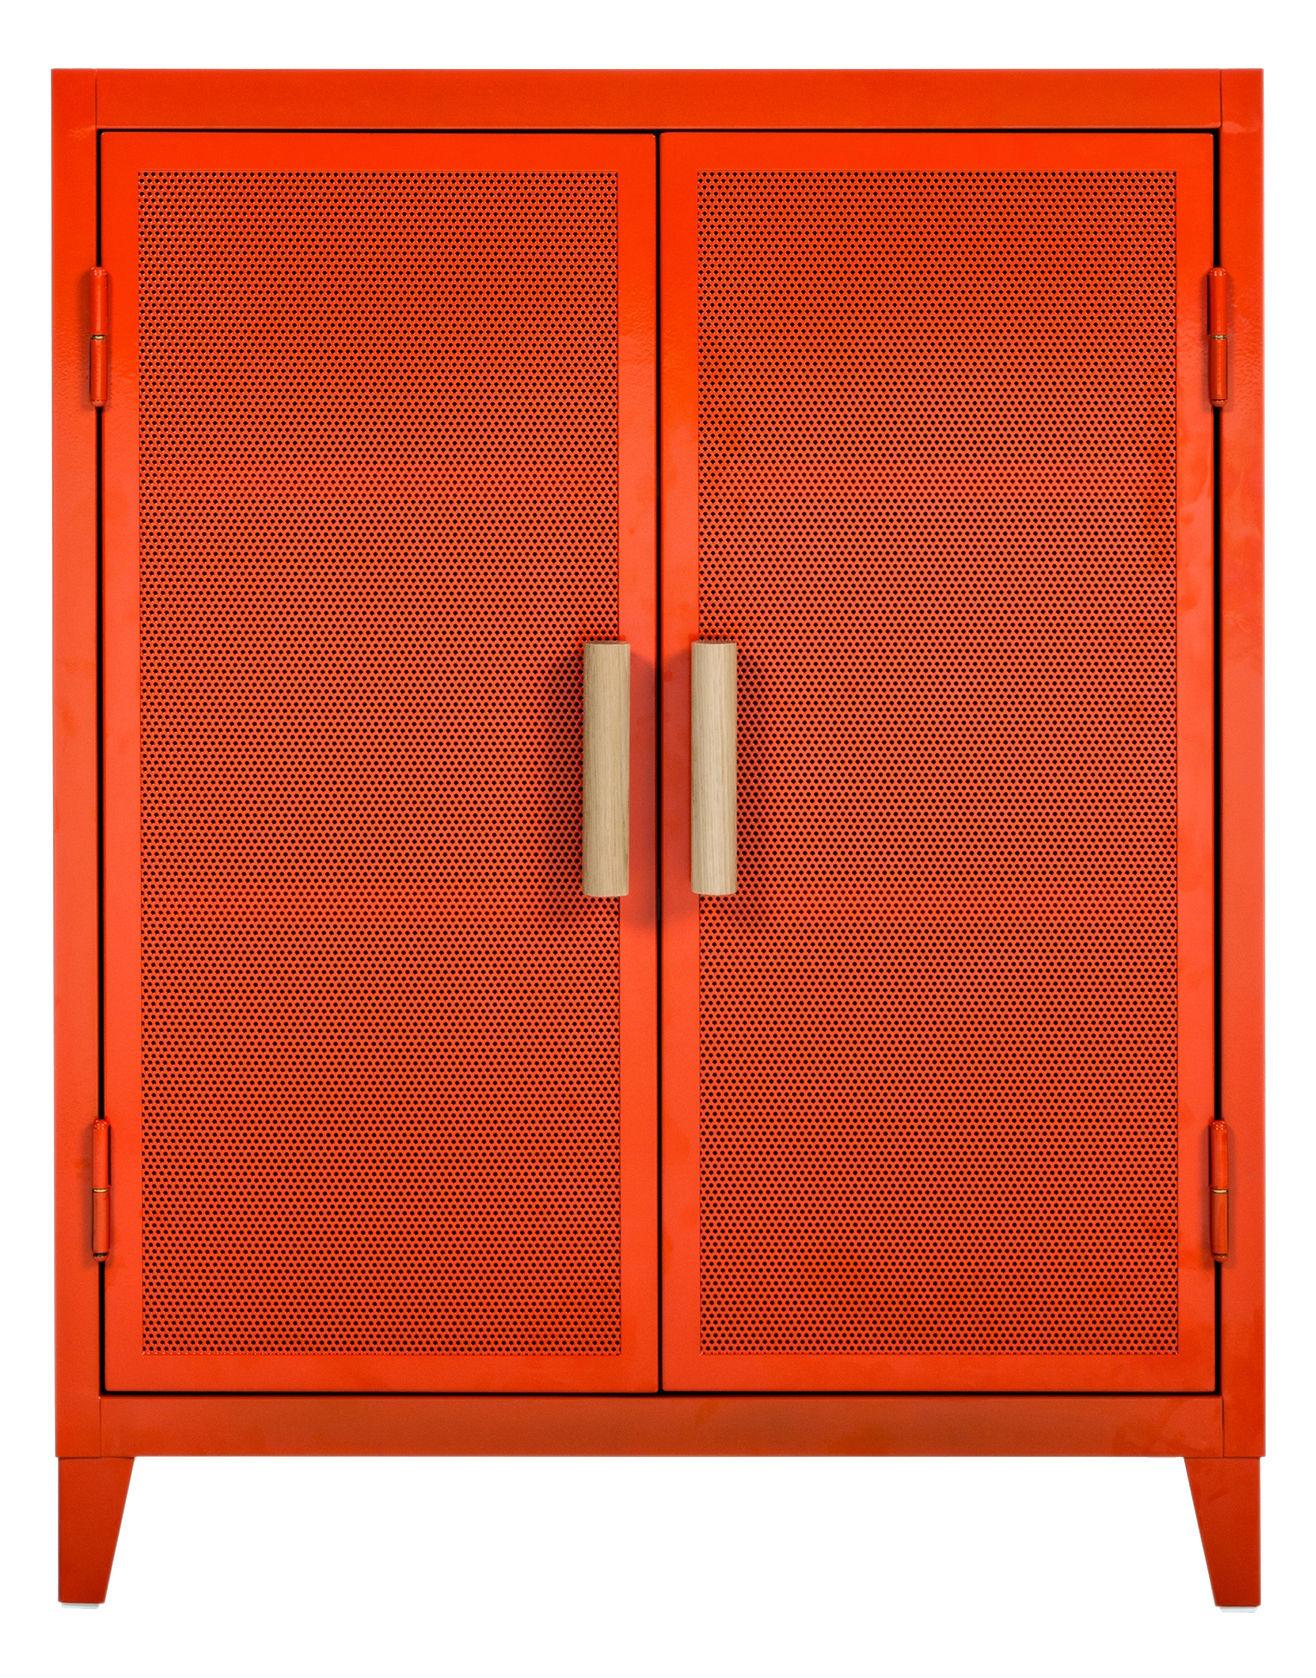 Möbel - Aufbewahrungsmöbel - Vestiaire bas Perforé Ablage niedriger Kleiderschrank / Lochblech & Eichenholz - Tolix - Kürbis / Griffe Eiche - Lackierter recycelter Stahl, massive Eiche